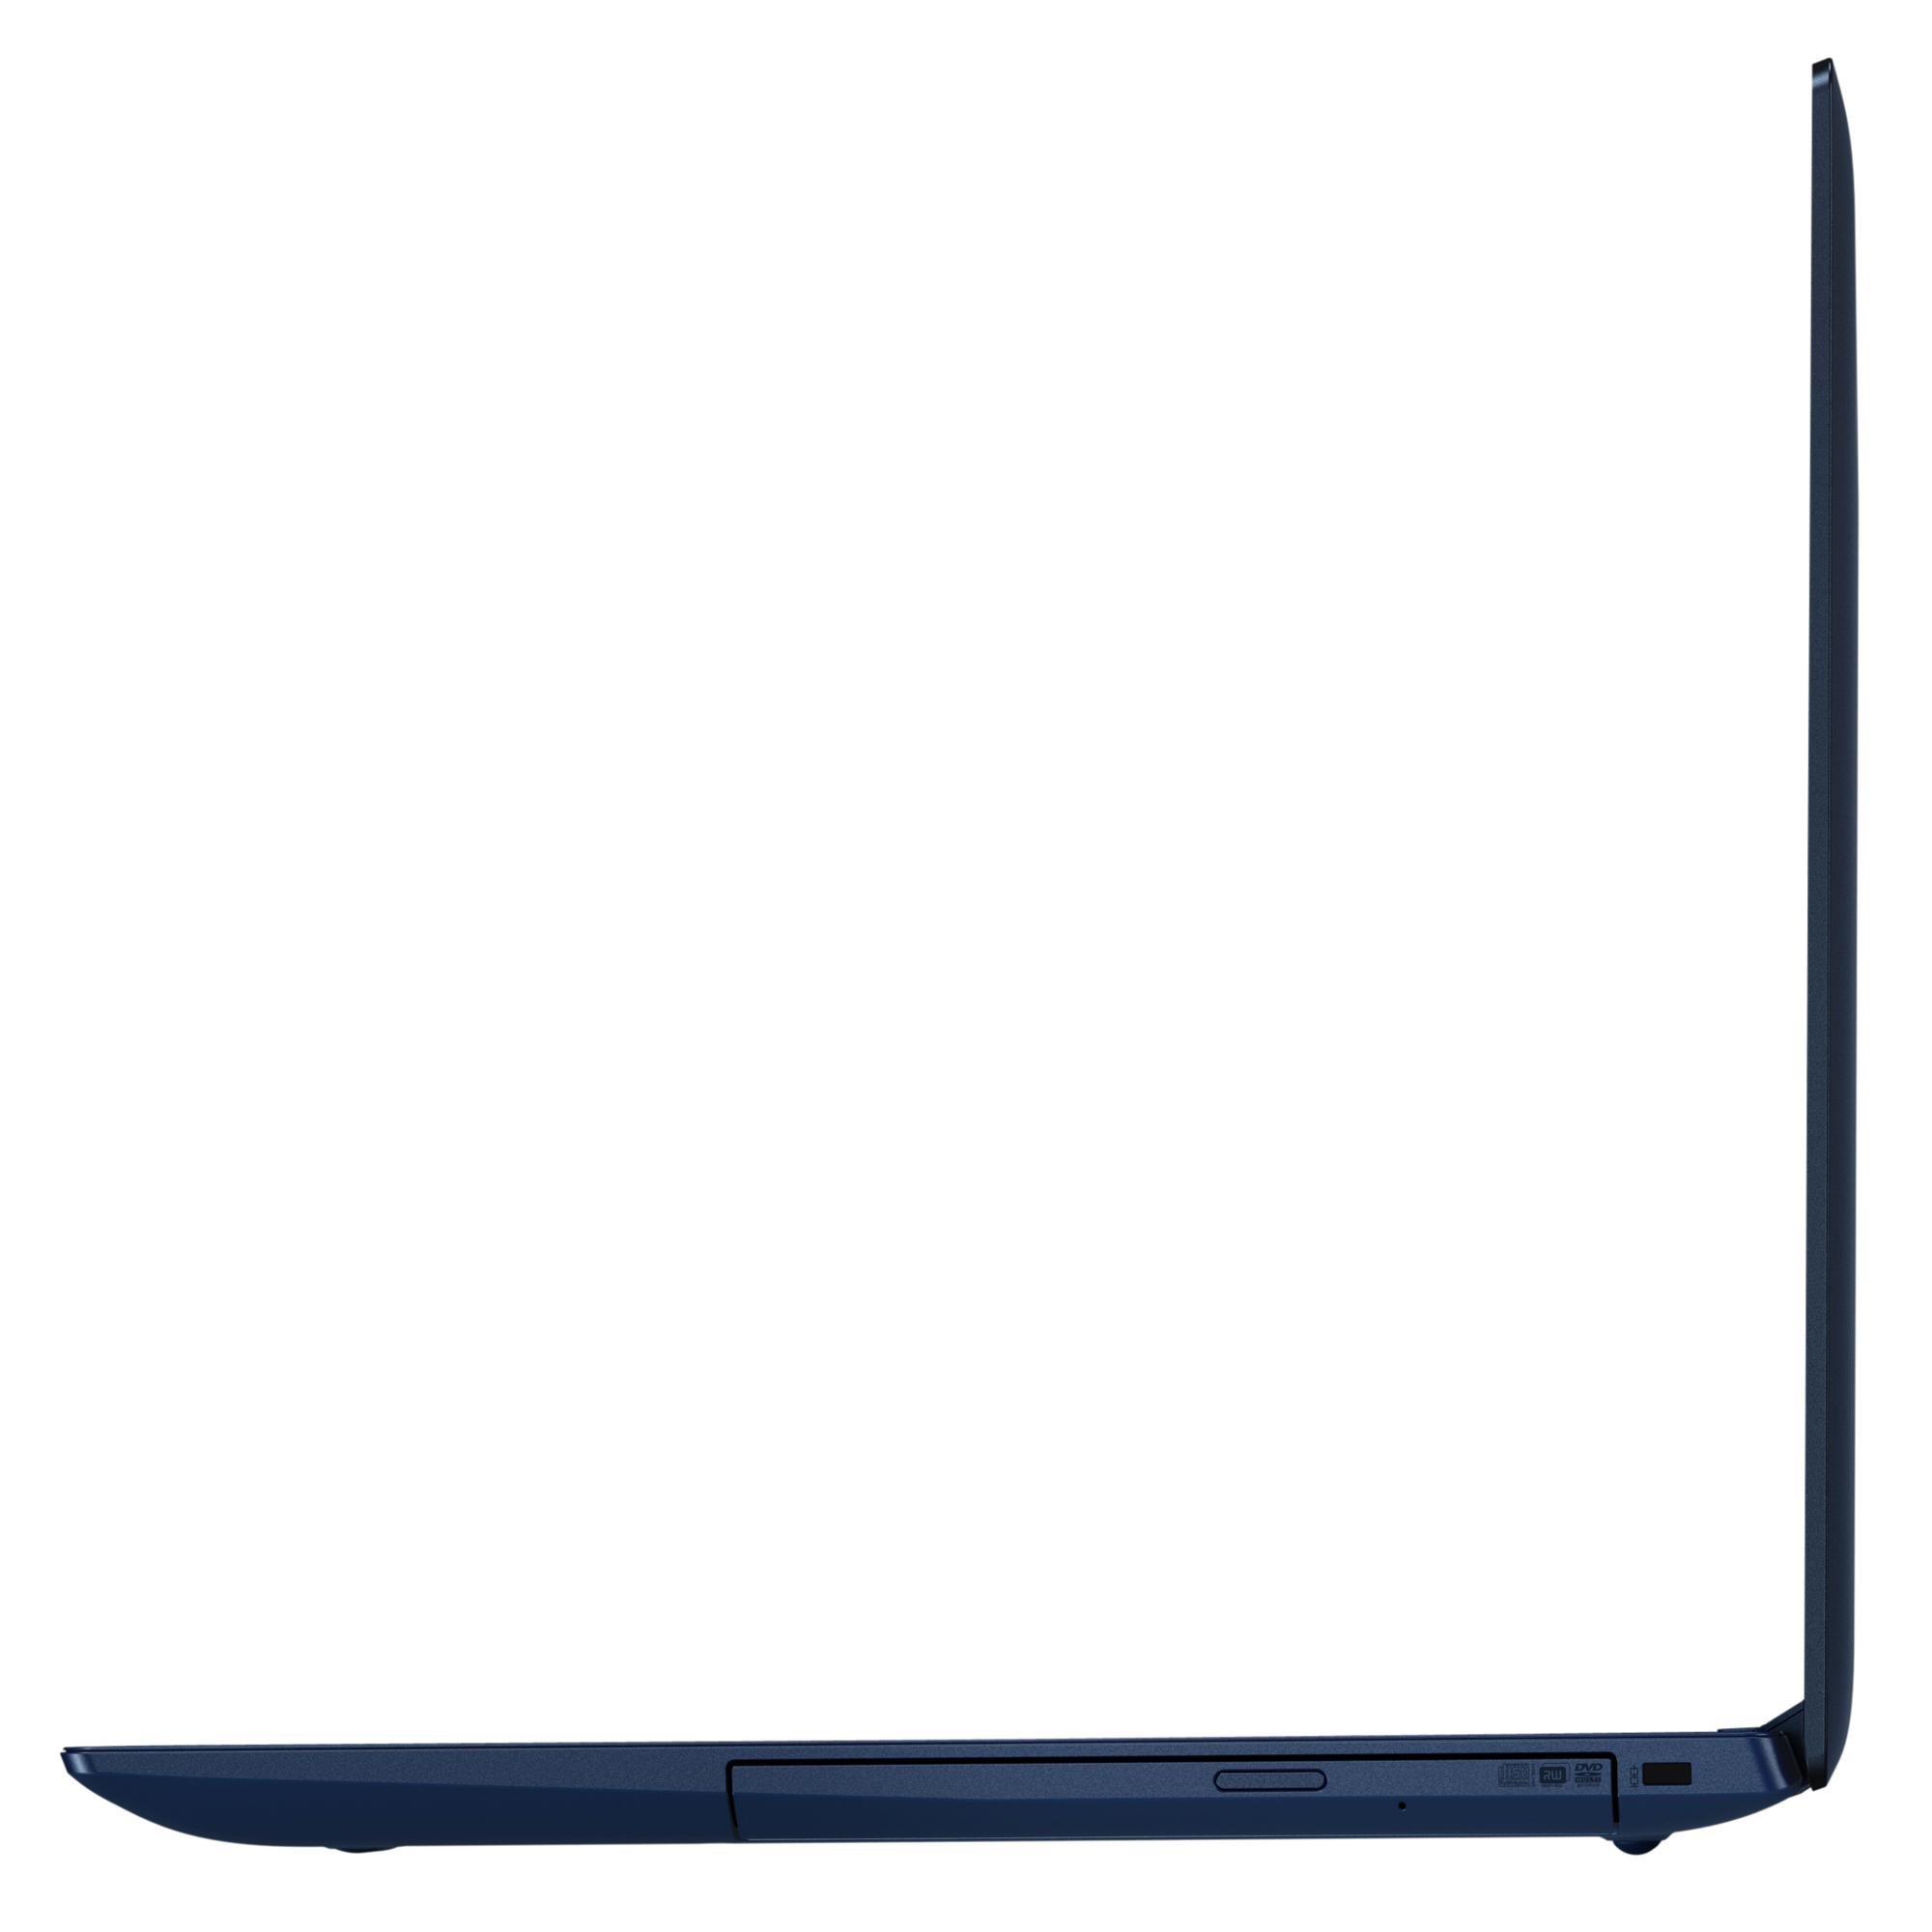 Фото  Ноутбук Lenovo ideapad 330-15 Midnight Blue (81D100MERA)